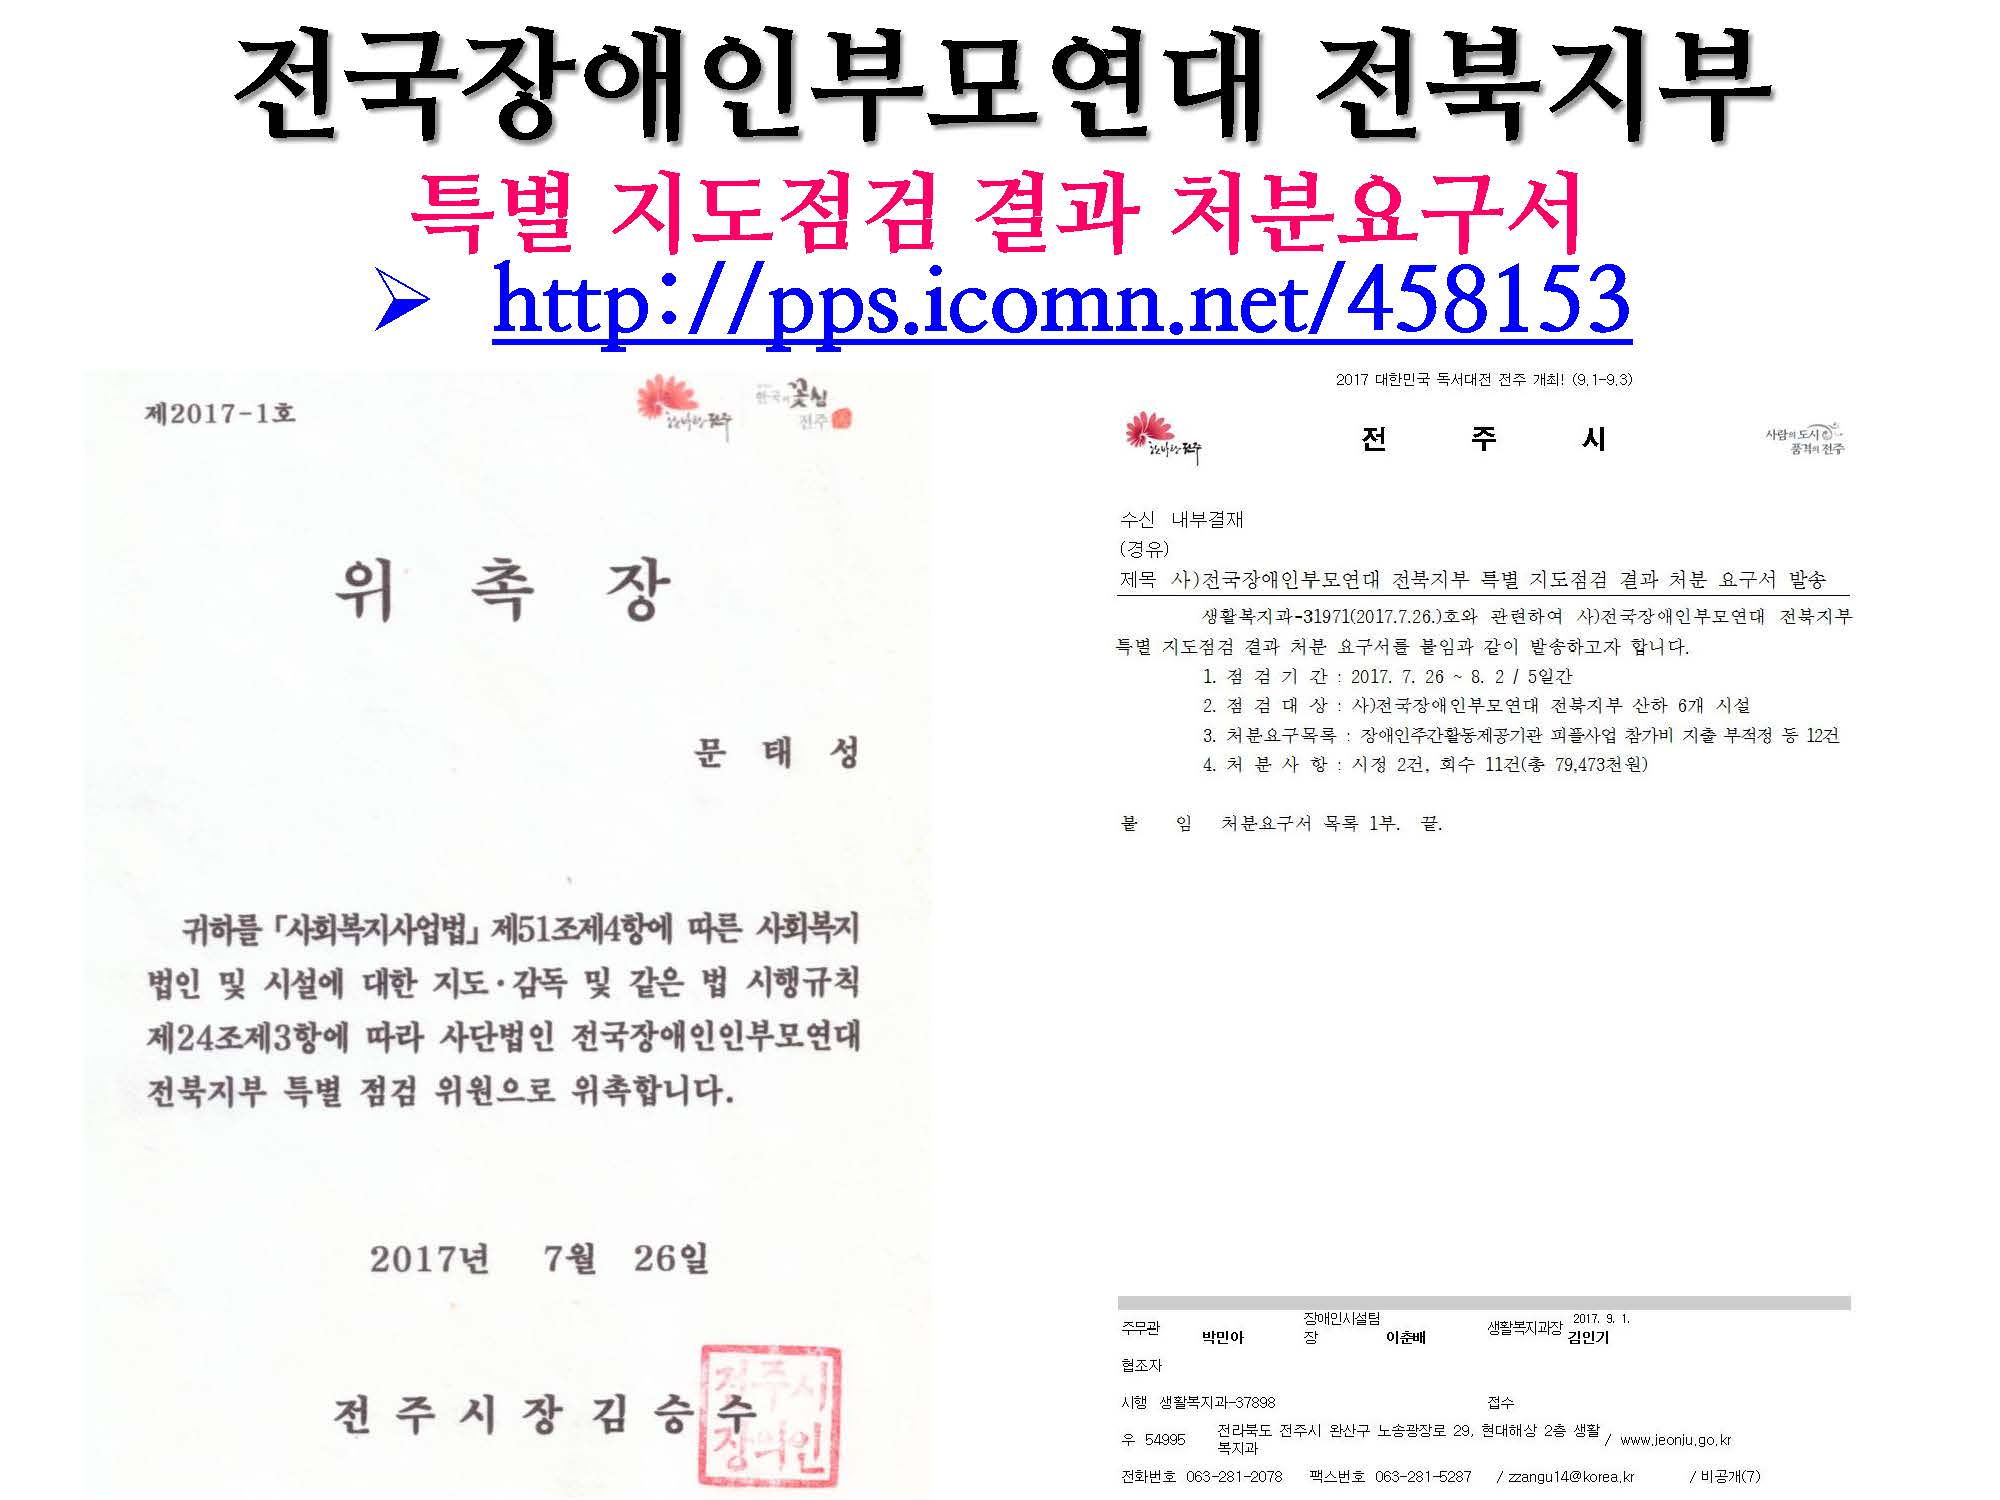 2019년 평화주민사랑방 활동 및 결산보고(PDF)_페이지_03.jpg